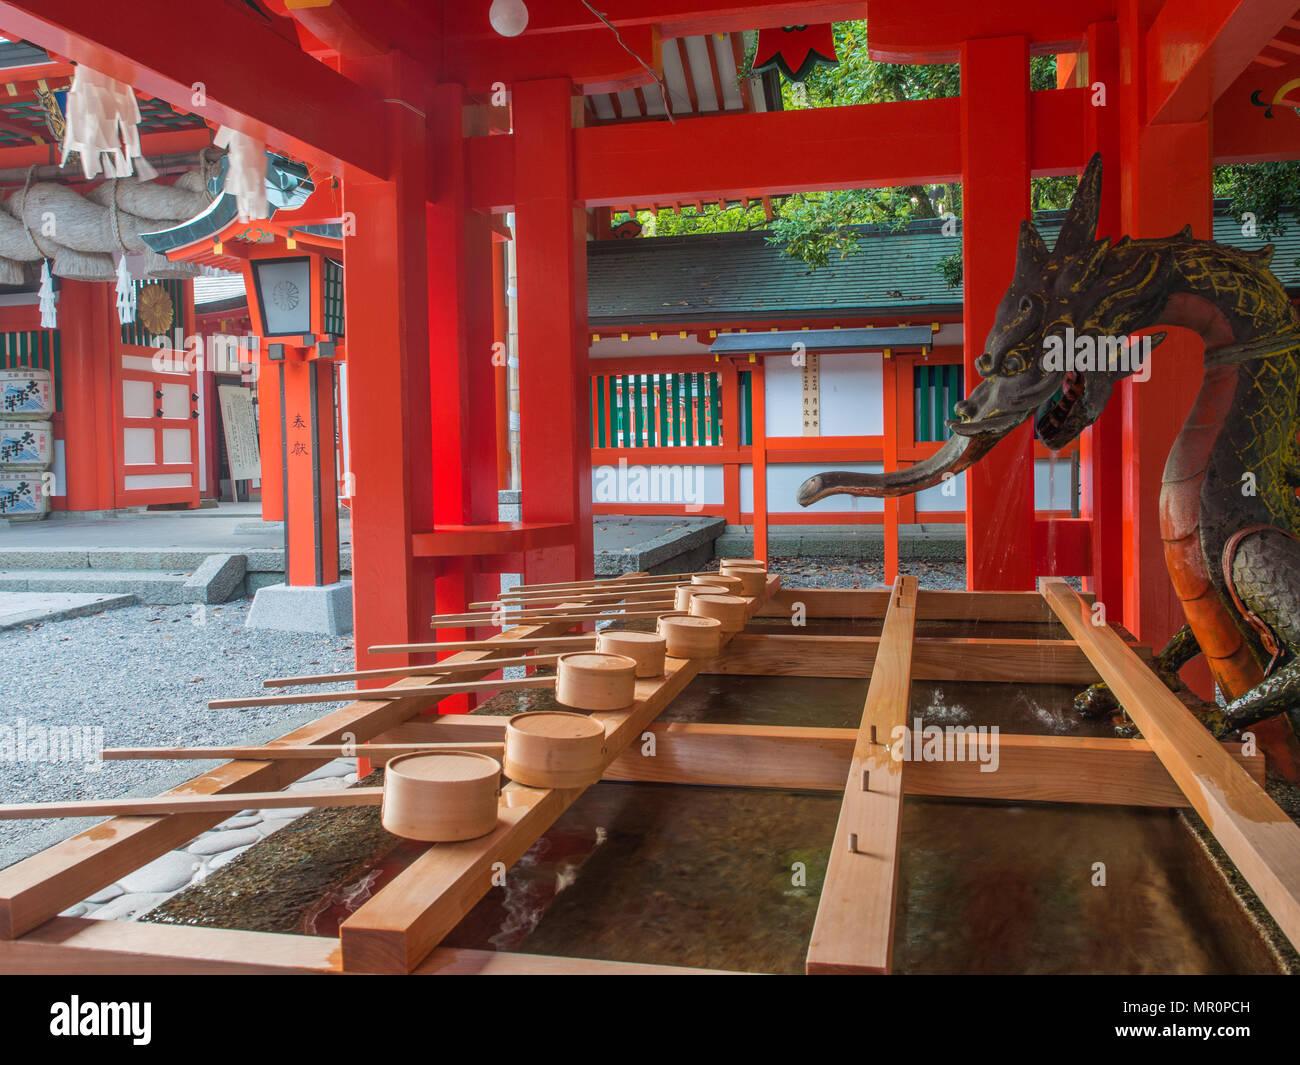 Chōzuya oder Temizuya Wasseraufbereitung Brunnen bei Kumano Hayatama Taisha, Weltkulturerbe Schrein, Shingu, Präfektur Wakayama, Japan Stockfoto